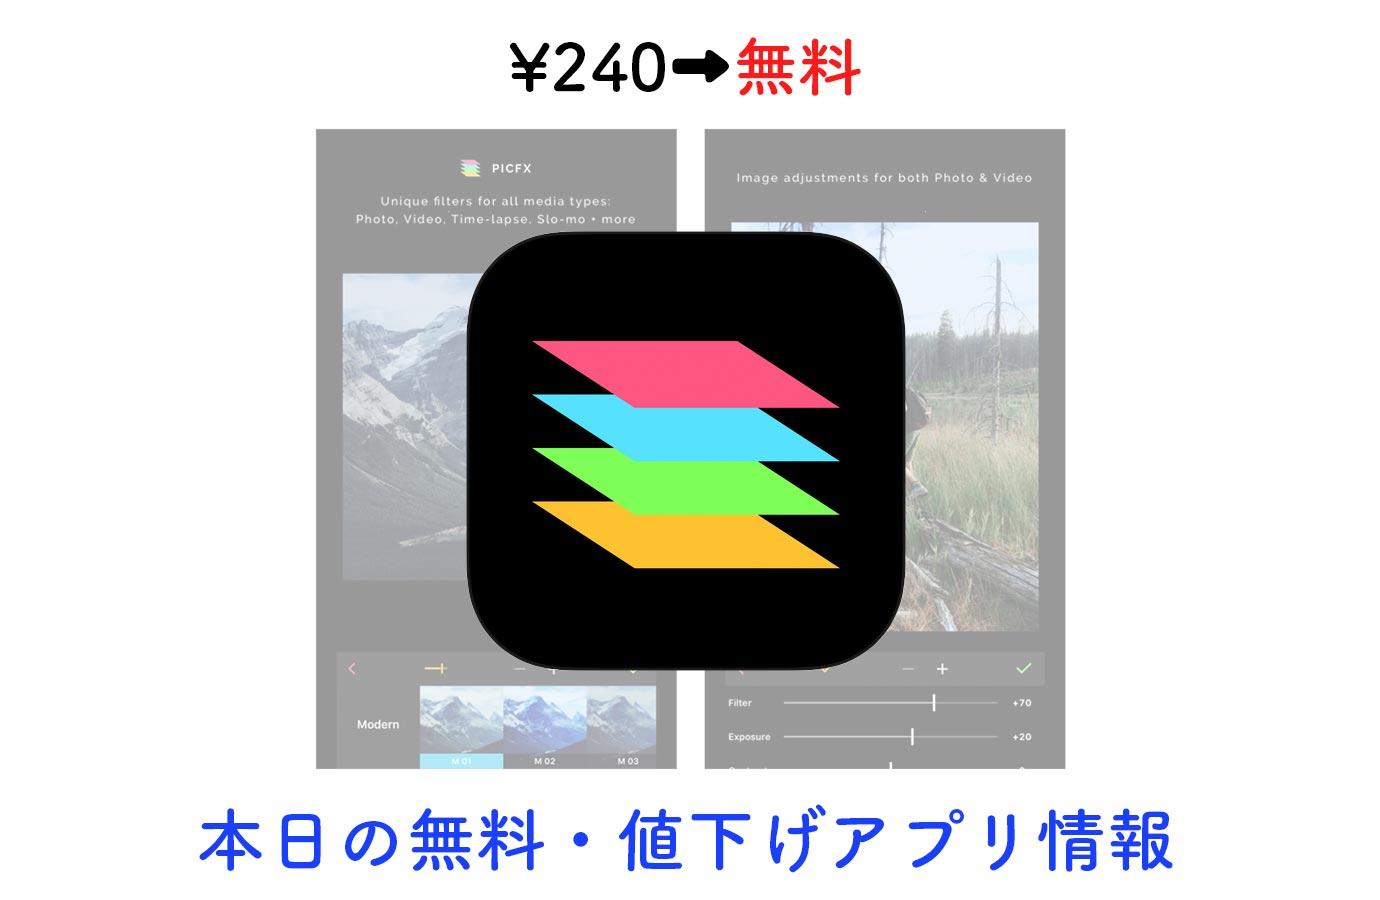 ¥240→無料、フィルターを重ねてかけられる写真加工アプリ「Picfx」など【11/1】本日の無料・値下げアプリ情報